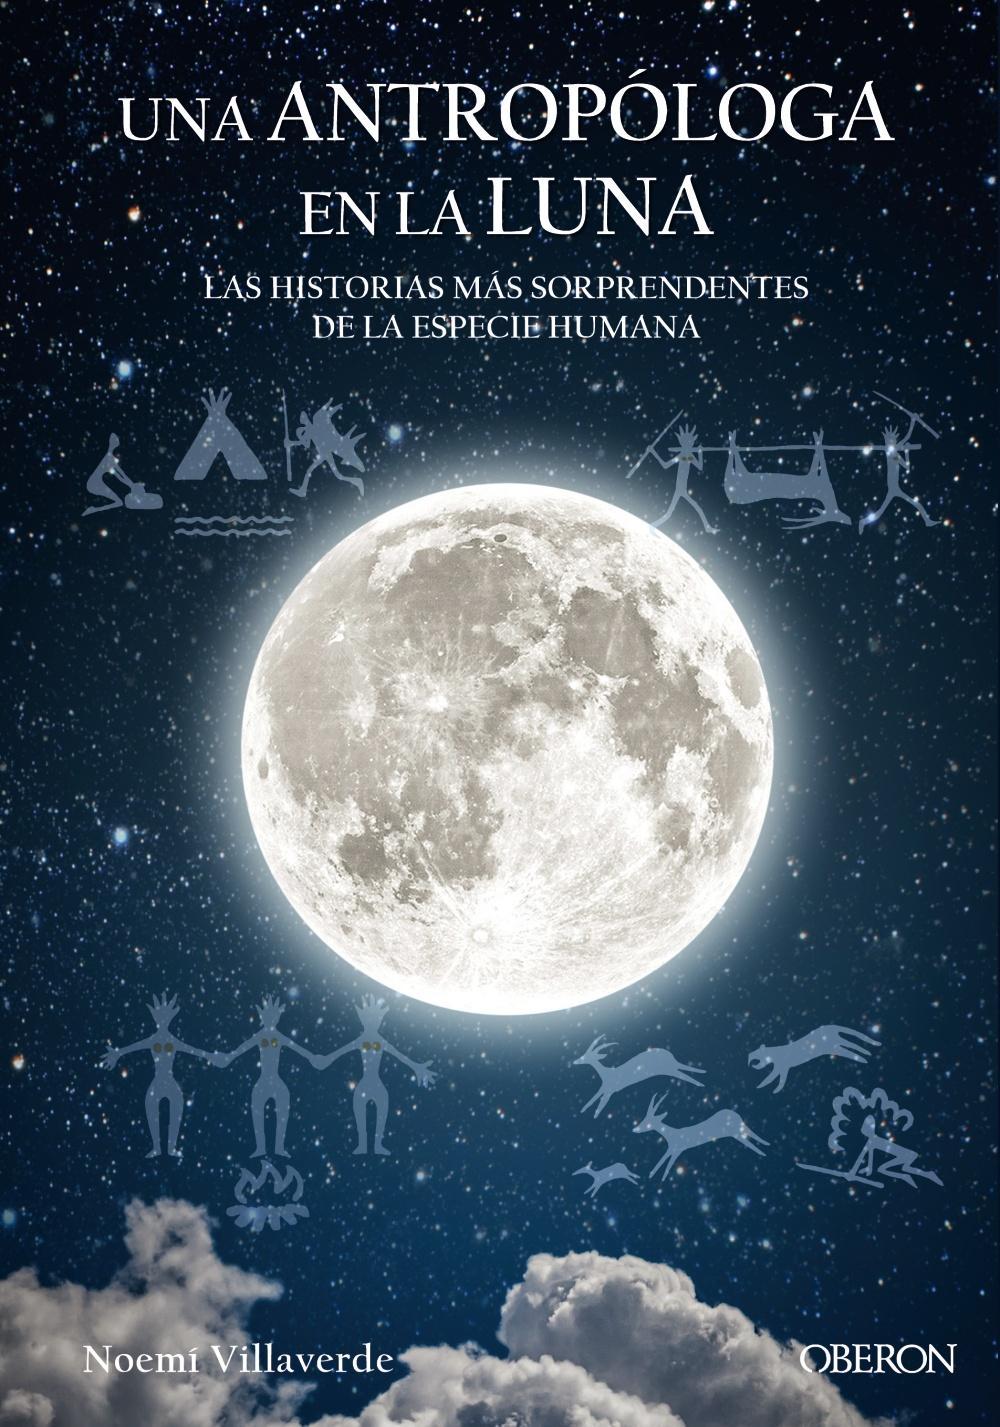 Una antropóloga en la luna. Las historias más sorprendentes de la especie humana